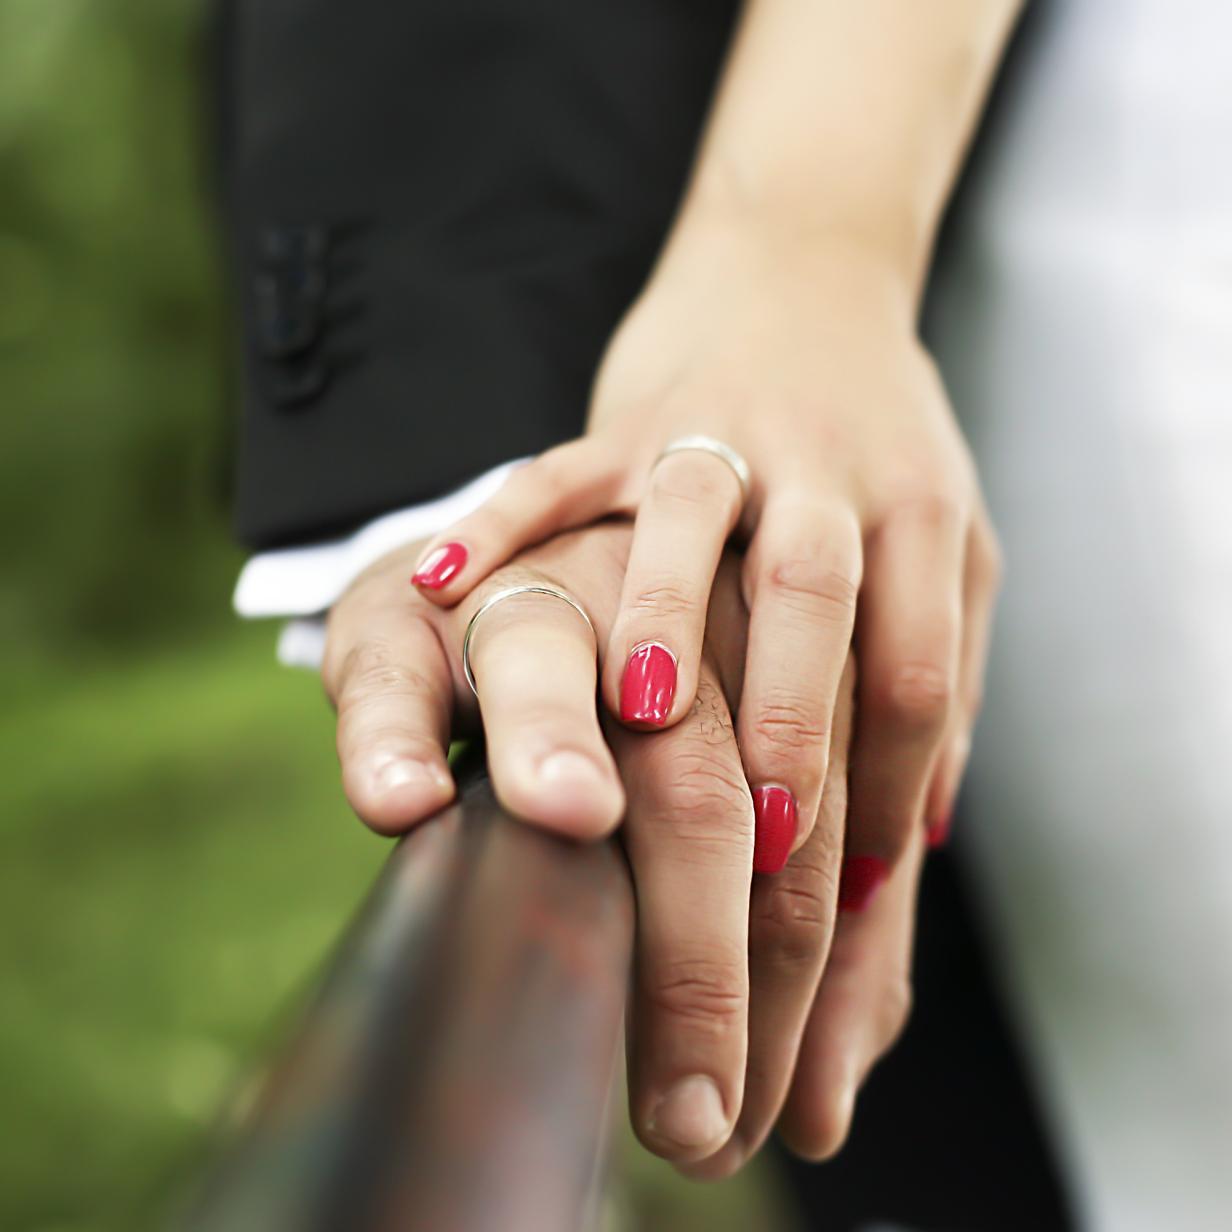 Verliebt dank Verbrechens: Ungewöhnliche Liebesgeschichte erobert das Netz